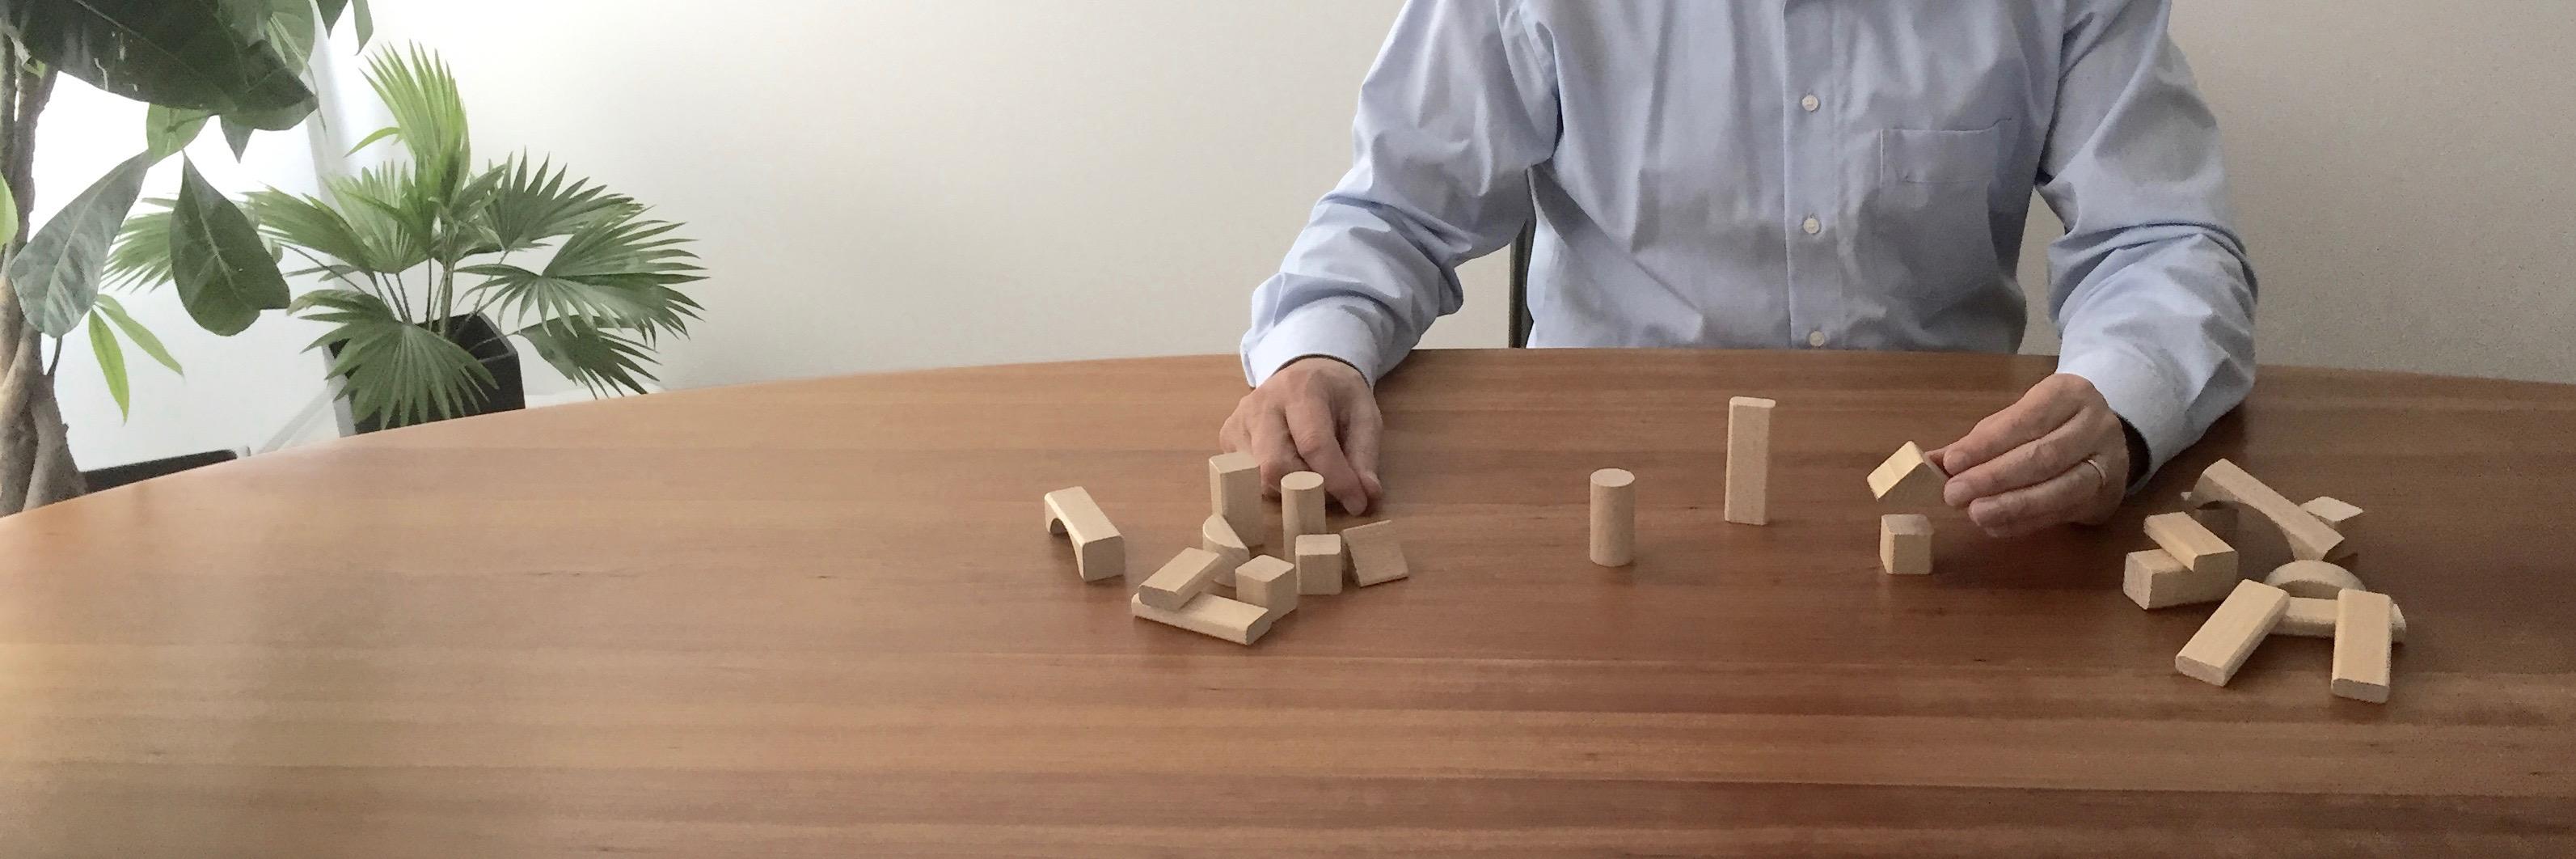 Matthias Zetzl, Inhaber der FinanzKanzlei Bayern, wählt aus einer Menge gezielt Bausteine aus - symbolisch fürs Zusammenstellen einer maßgeschneiderten Versicherungslösung.